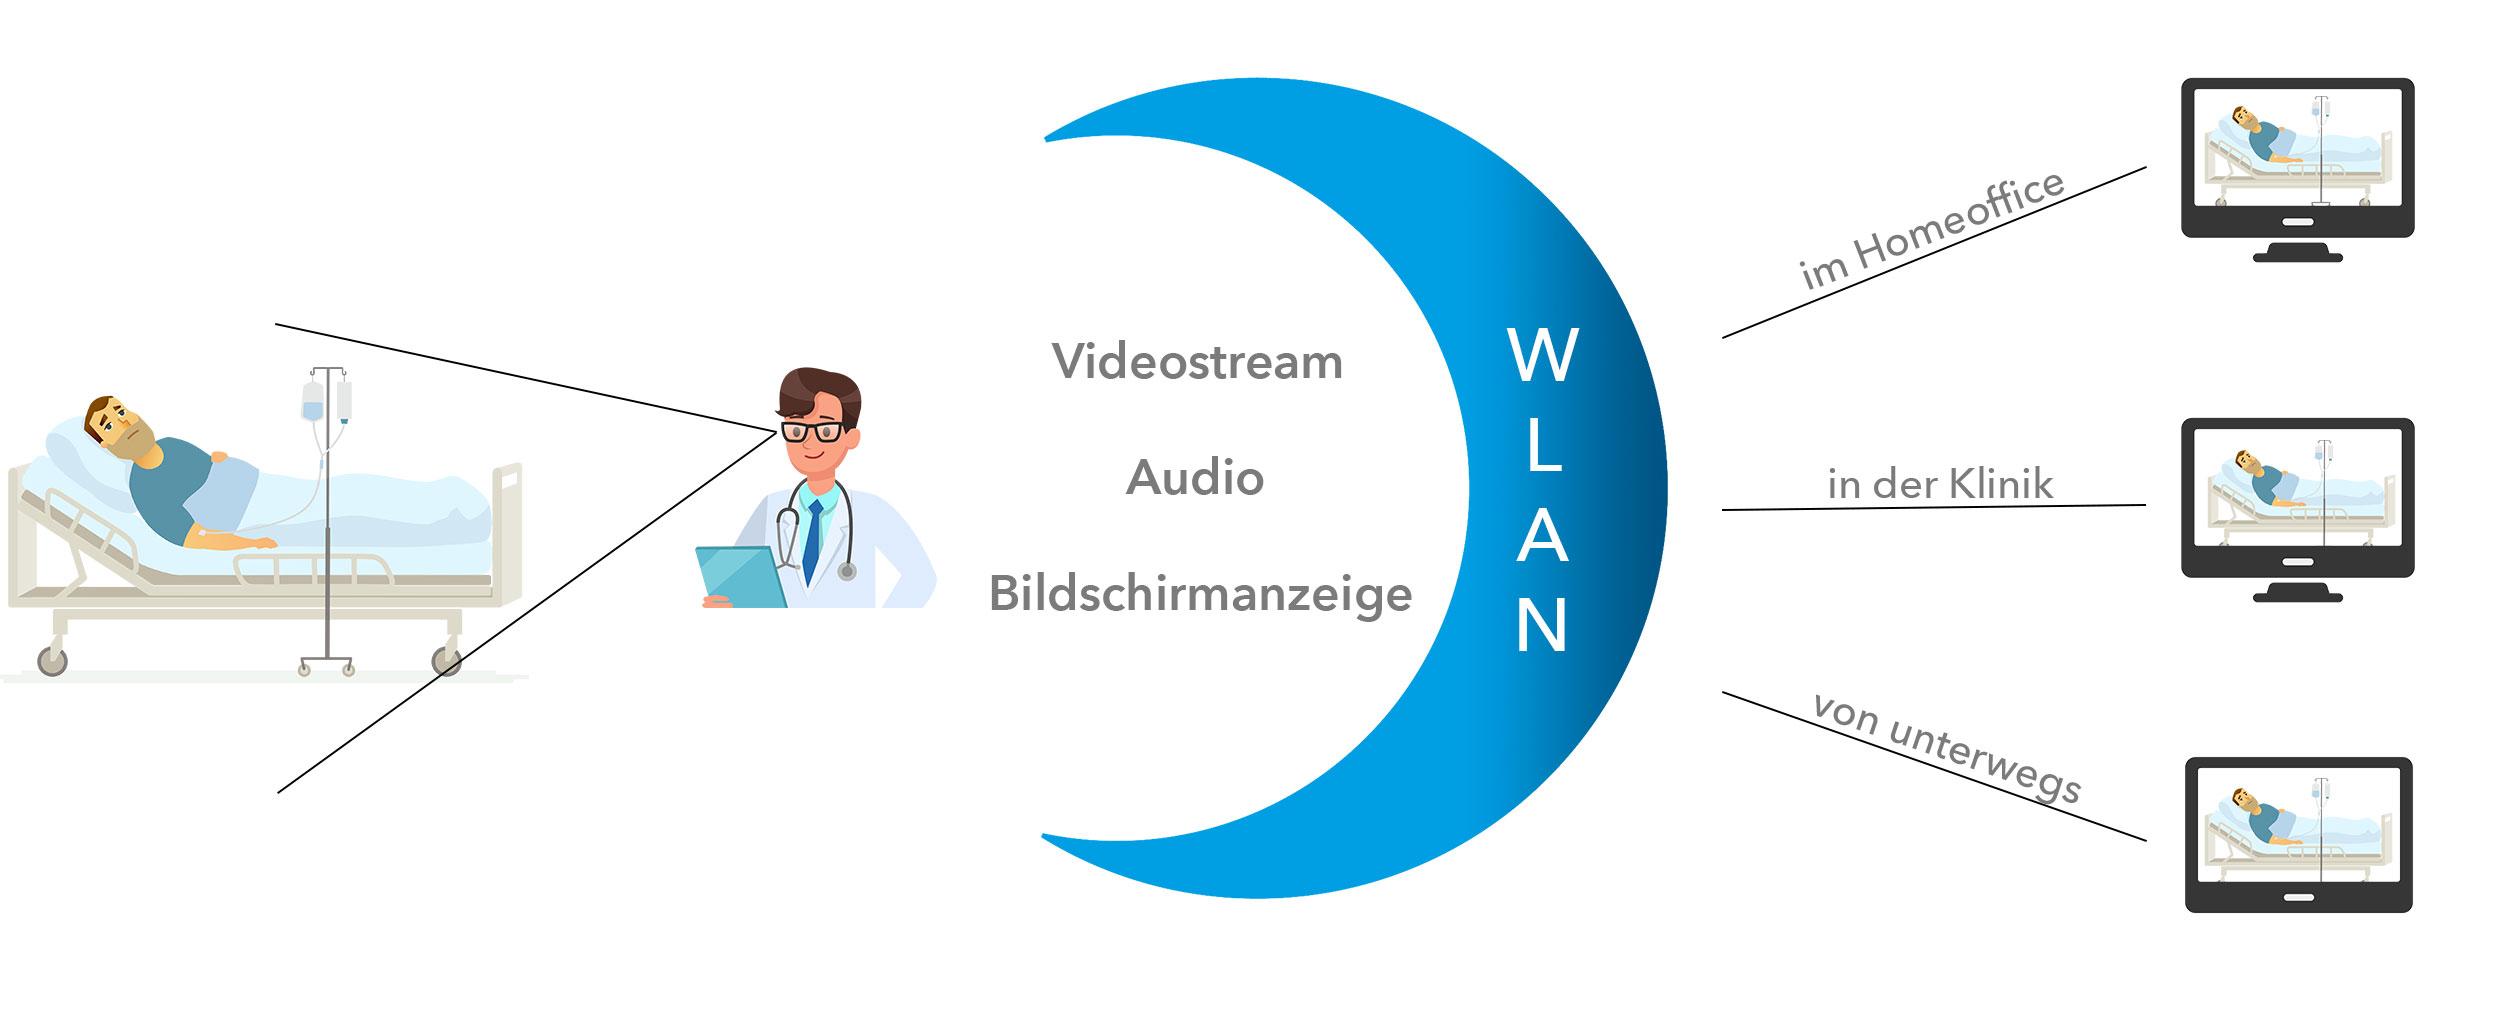 Grafik zur Verwendung der Datenbrille MARIS Glass unterwegs, in der Klinik oder im Homeoffice über WLAN